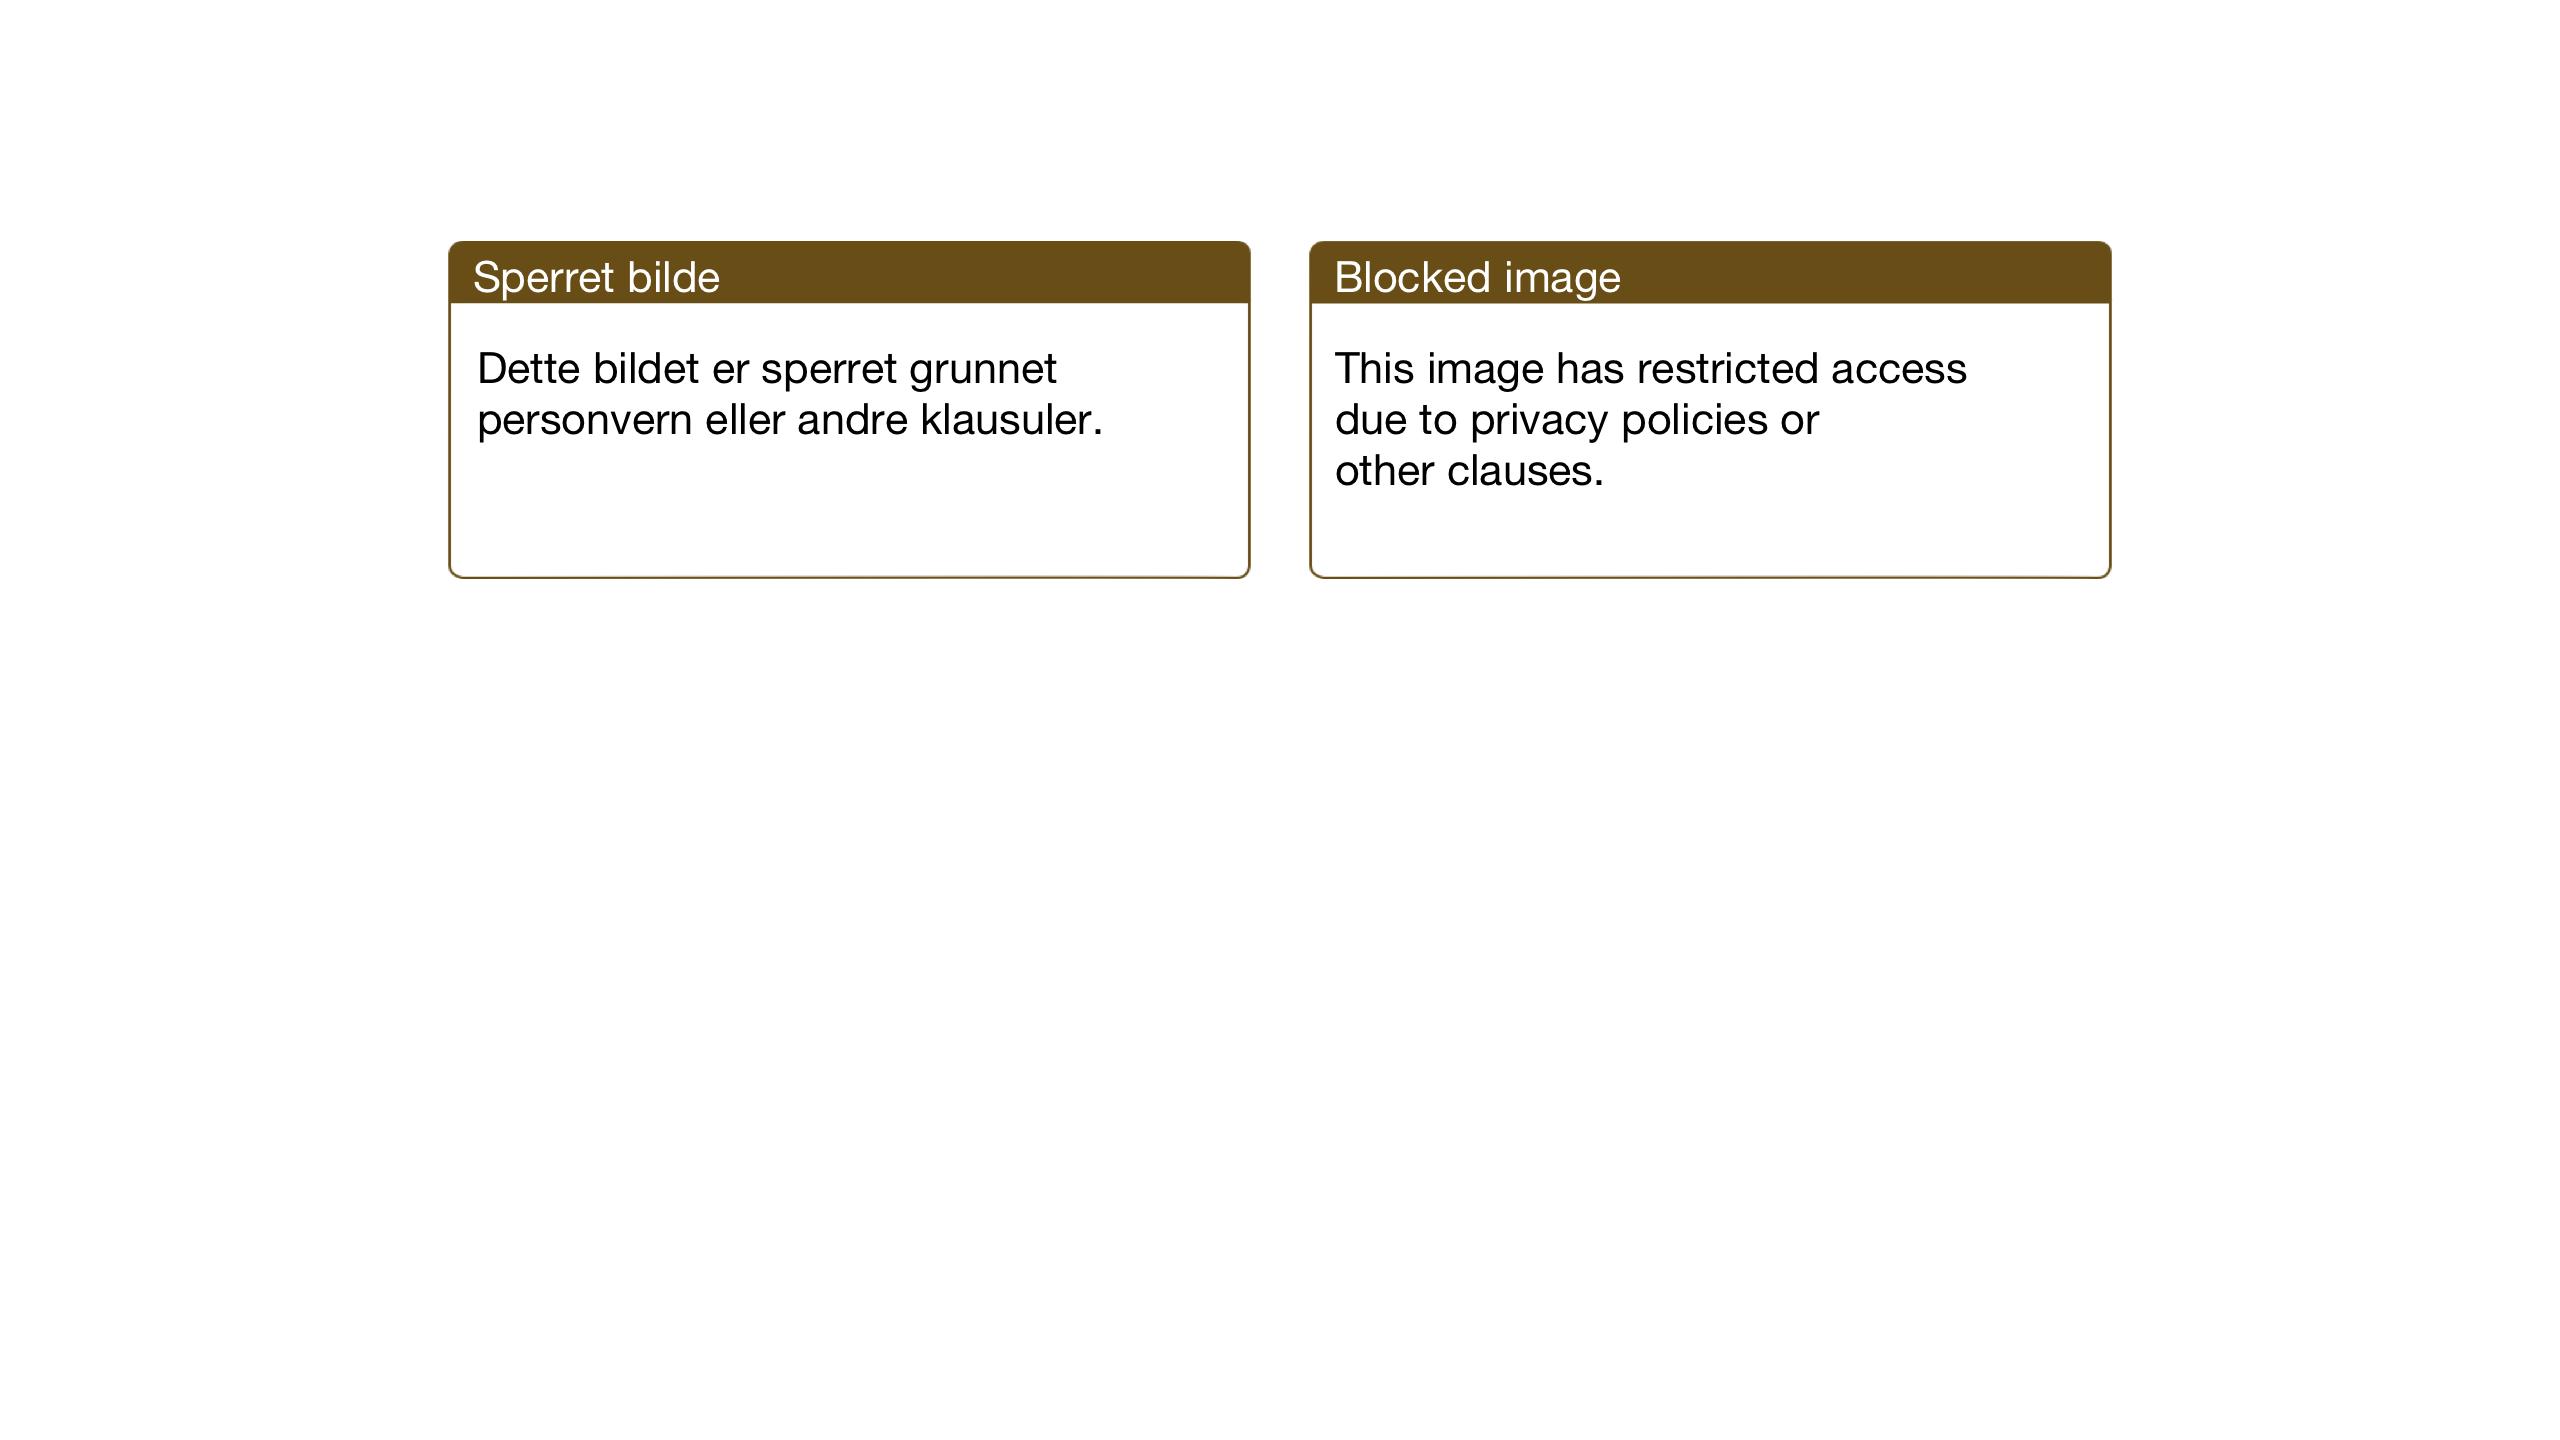 SAT, Ministerialprotokoller, klokkerbøker og fødselsregistre - Sør-Trøndelag, 698/L1169: Klokkerbok nr. 698C06, 1930-1949, s. 22